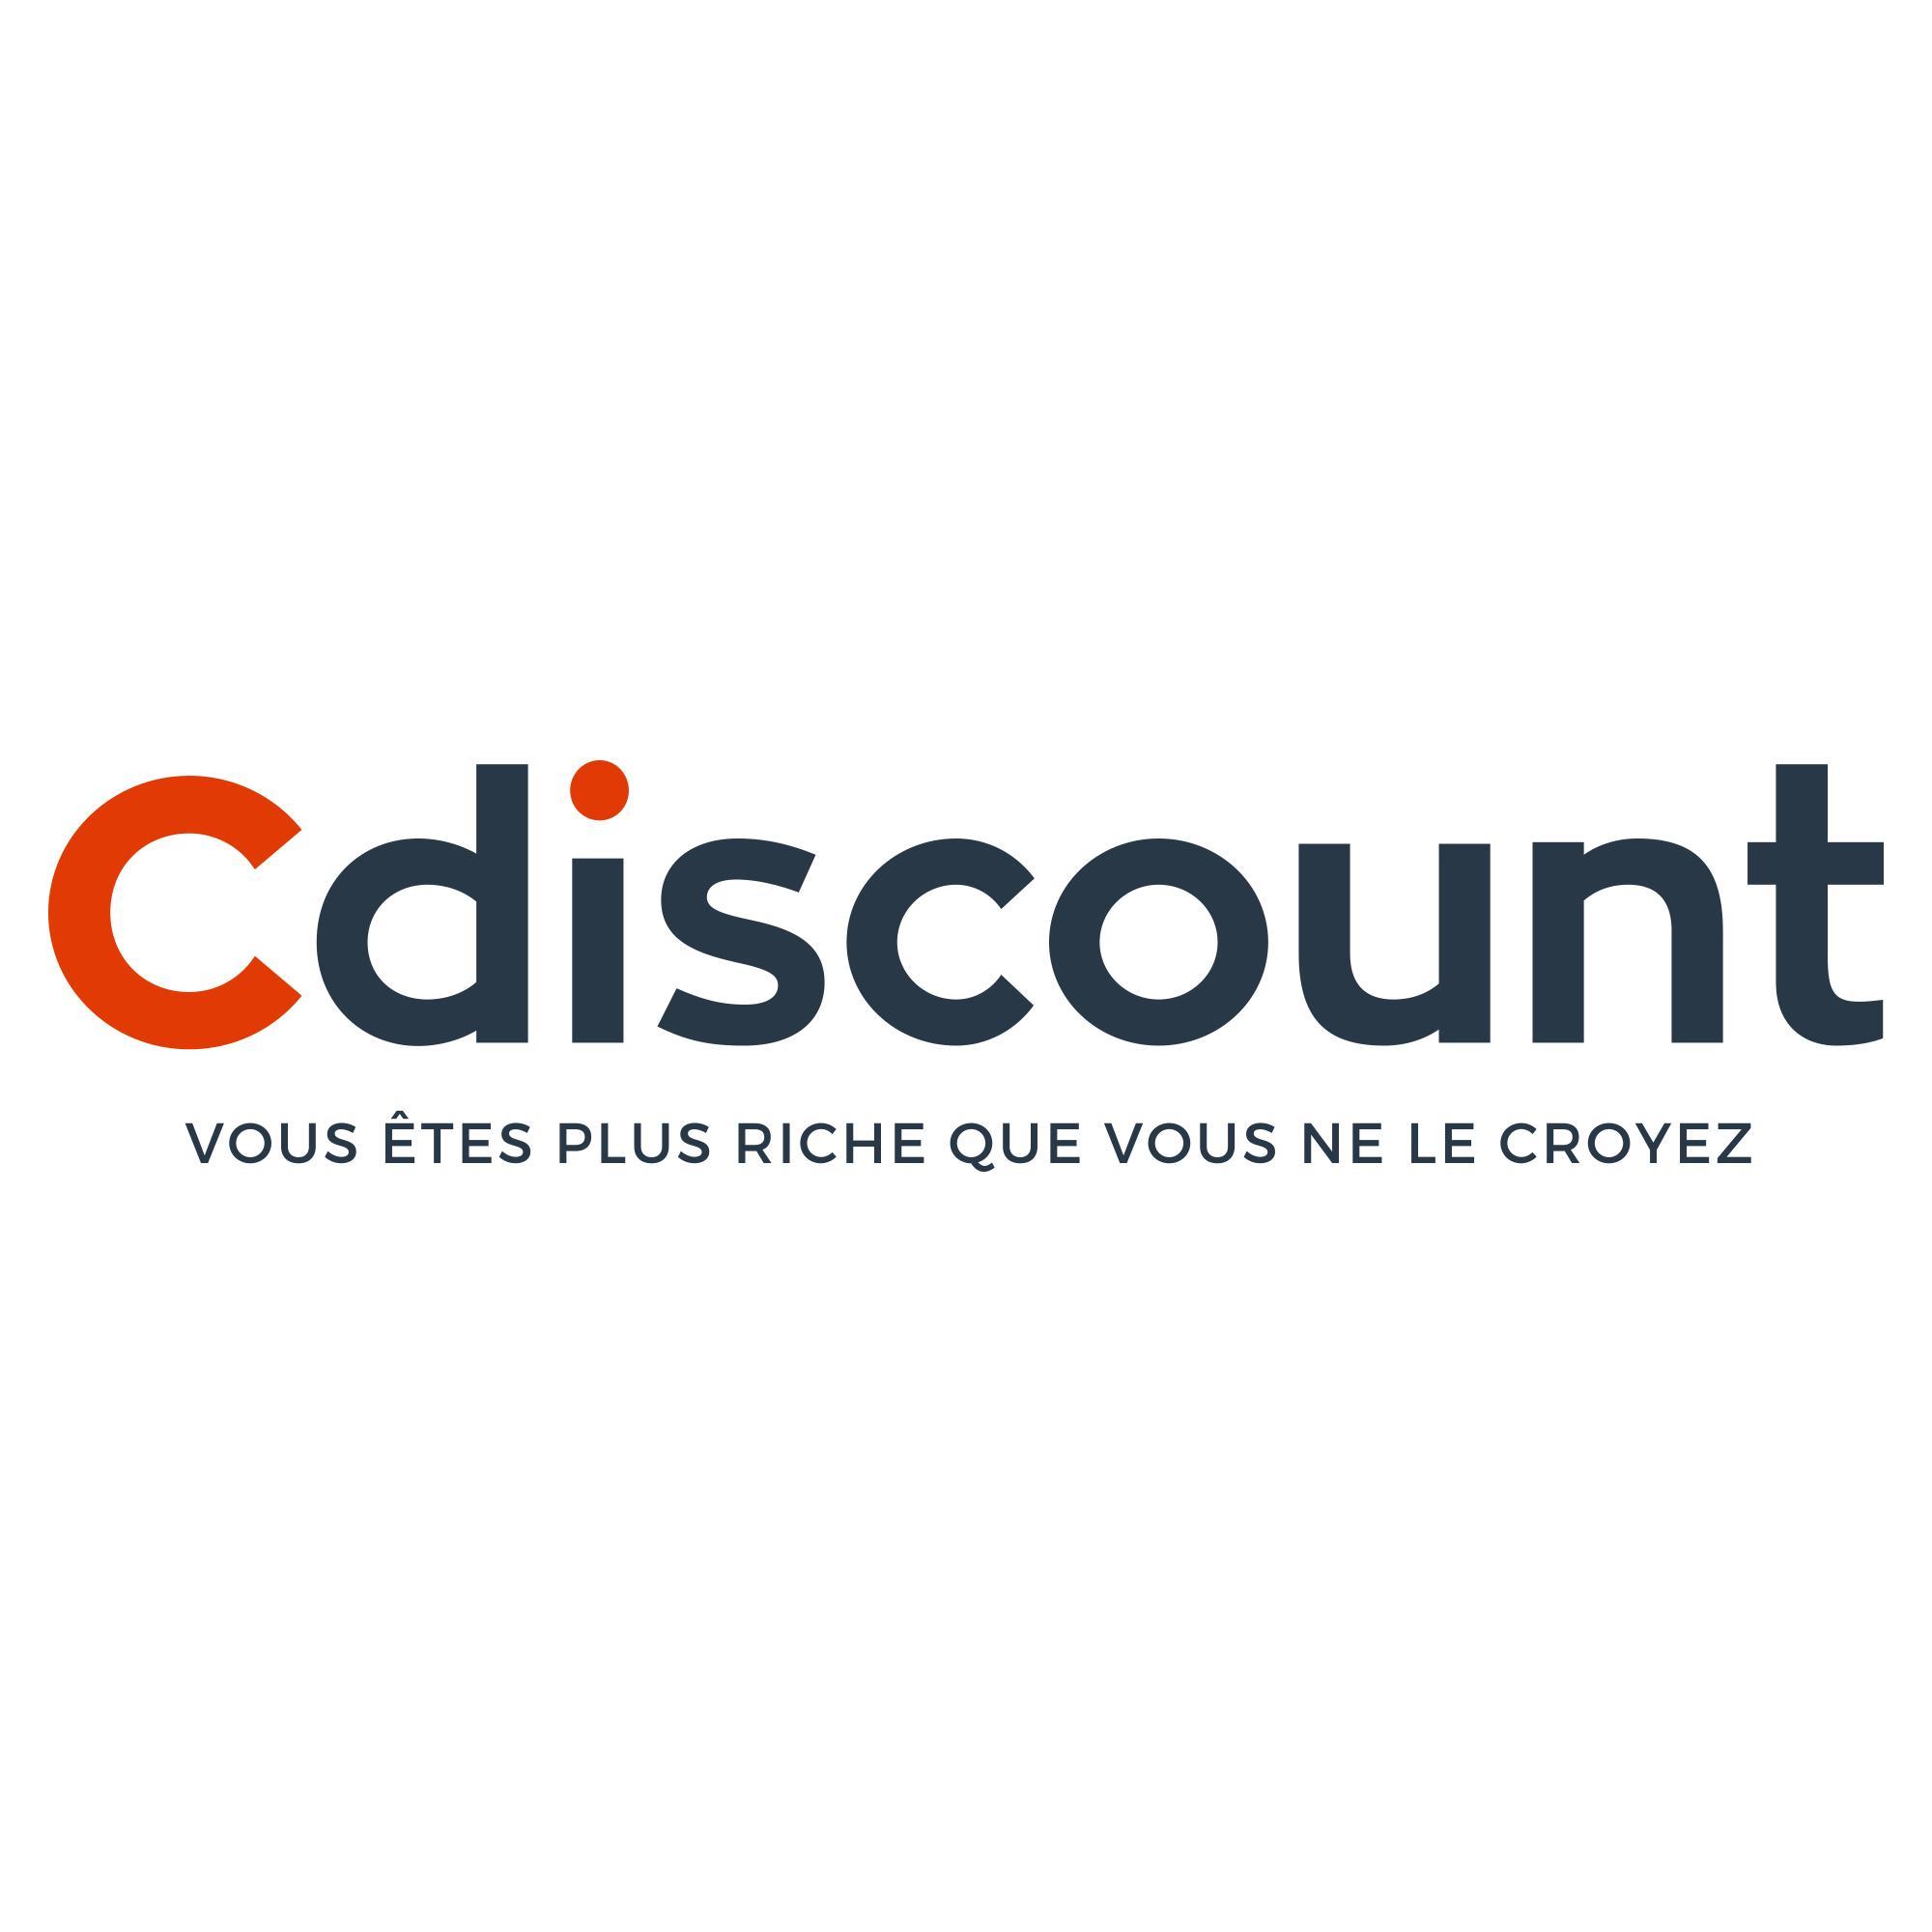 75€ de réduction dès 599€ d'achat et 10€ dès 99€ sur tout le site (via site mobile et application)